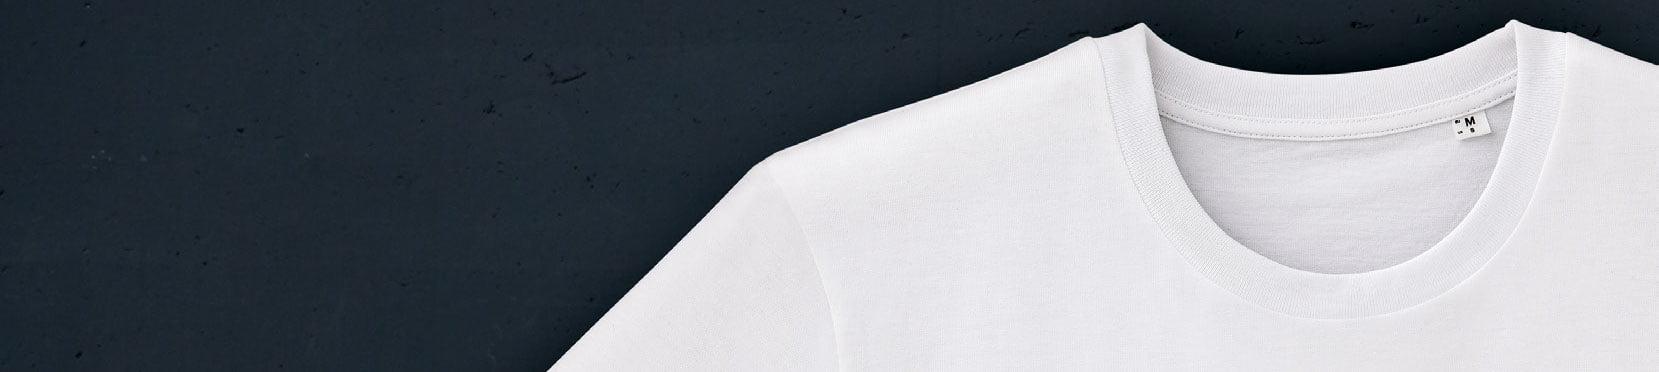 valkoinen luomupuuvilla t-paita